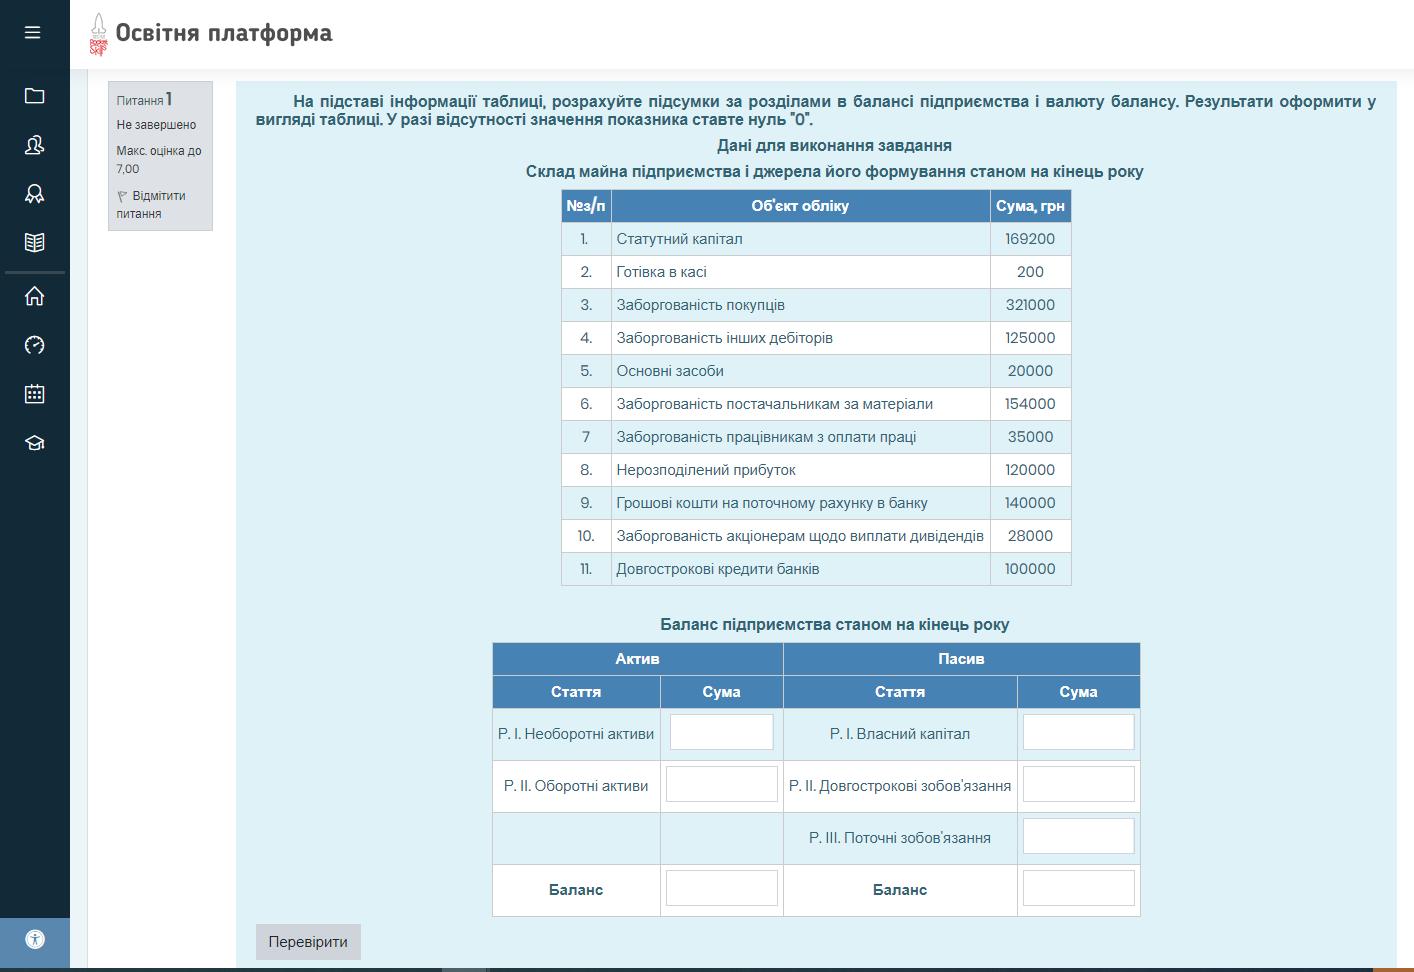 05 компютерна школа для дітей курси бухгалтерів 1с бухгалтерські курси Полтава